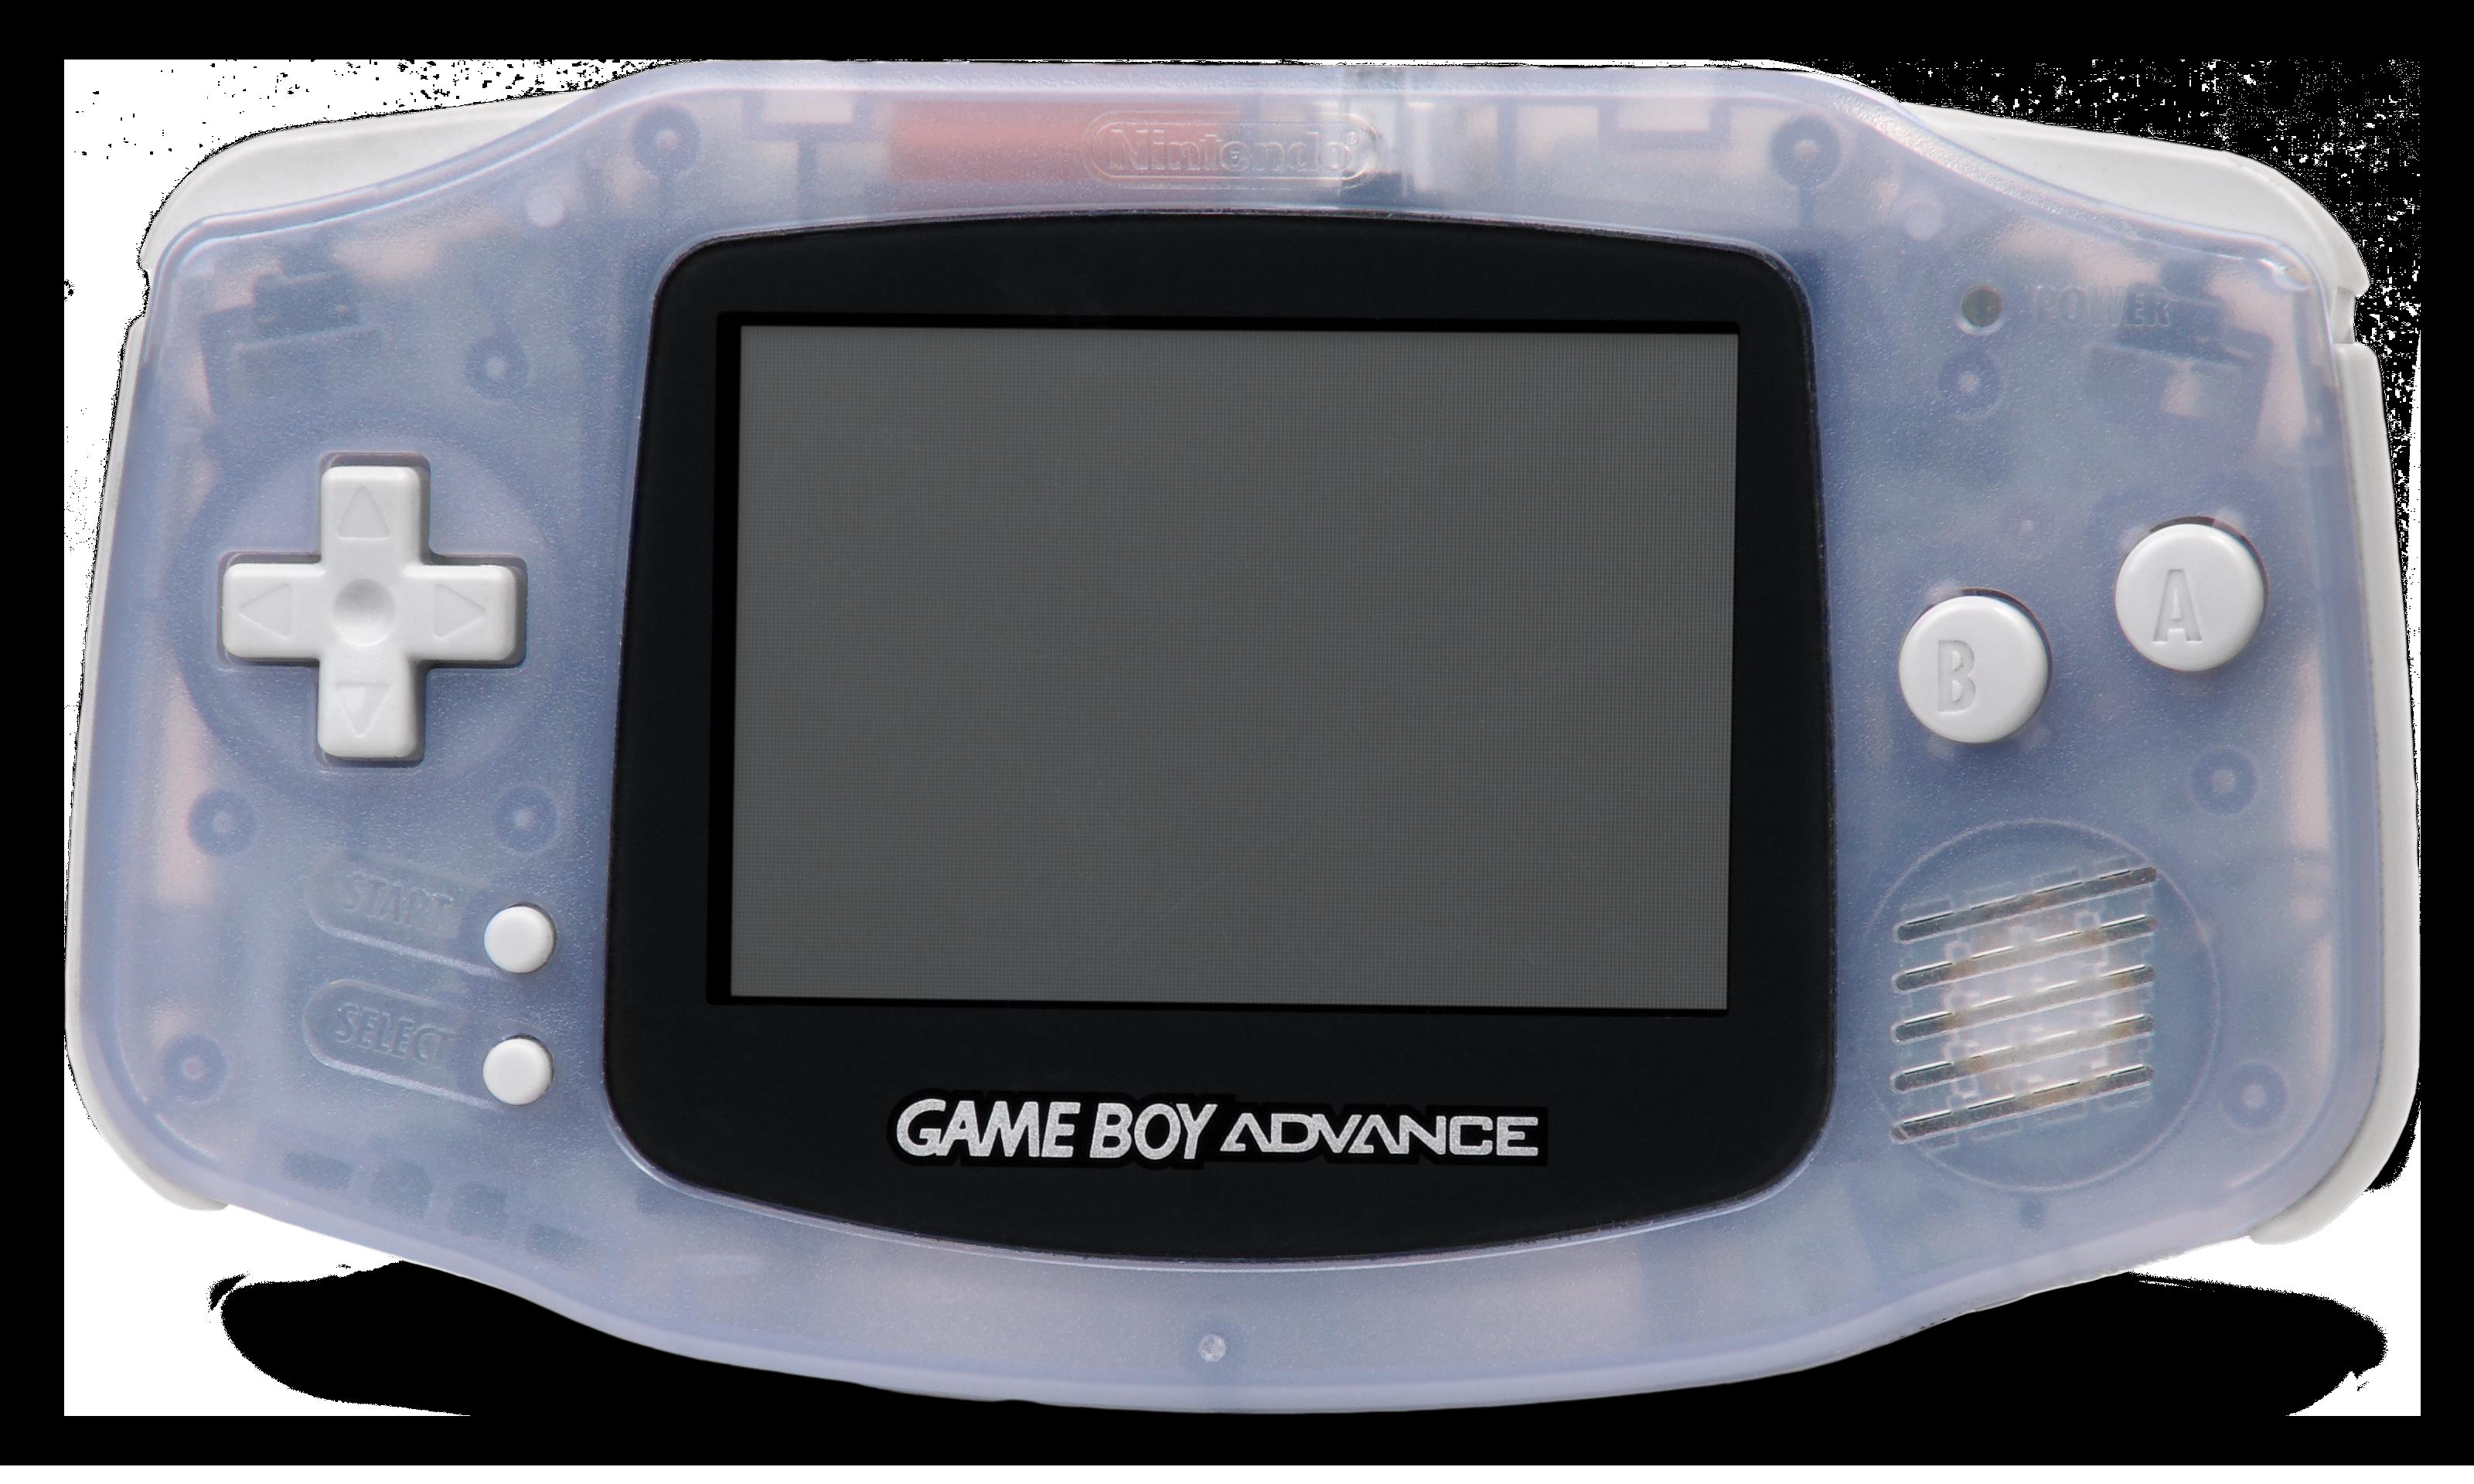 Game boy color - Game Boy Color 12